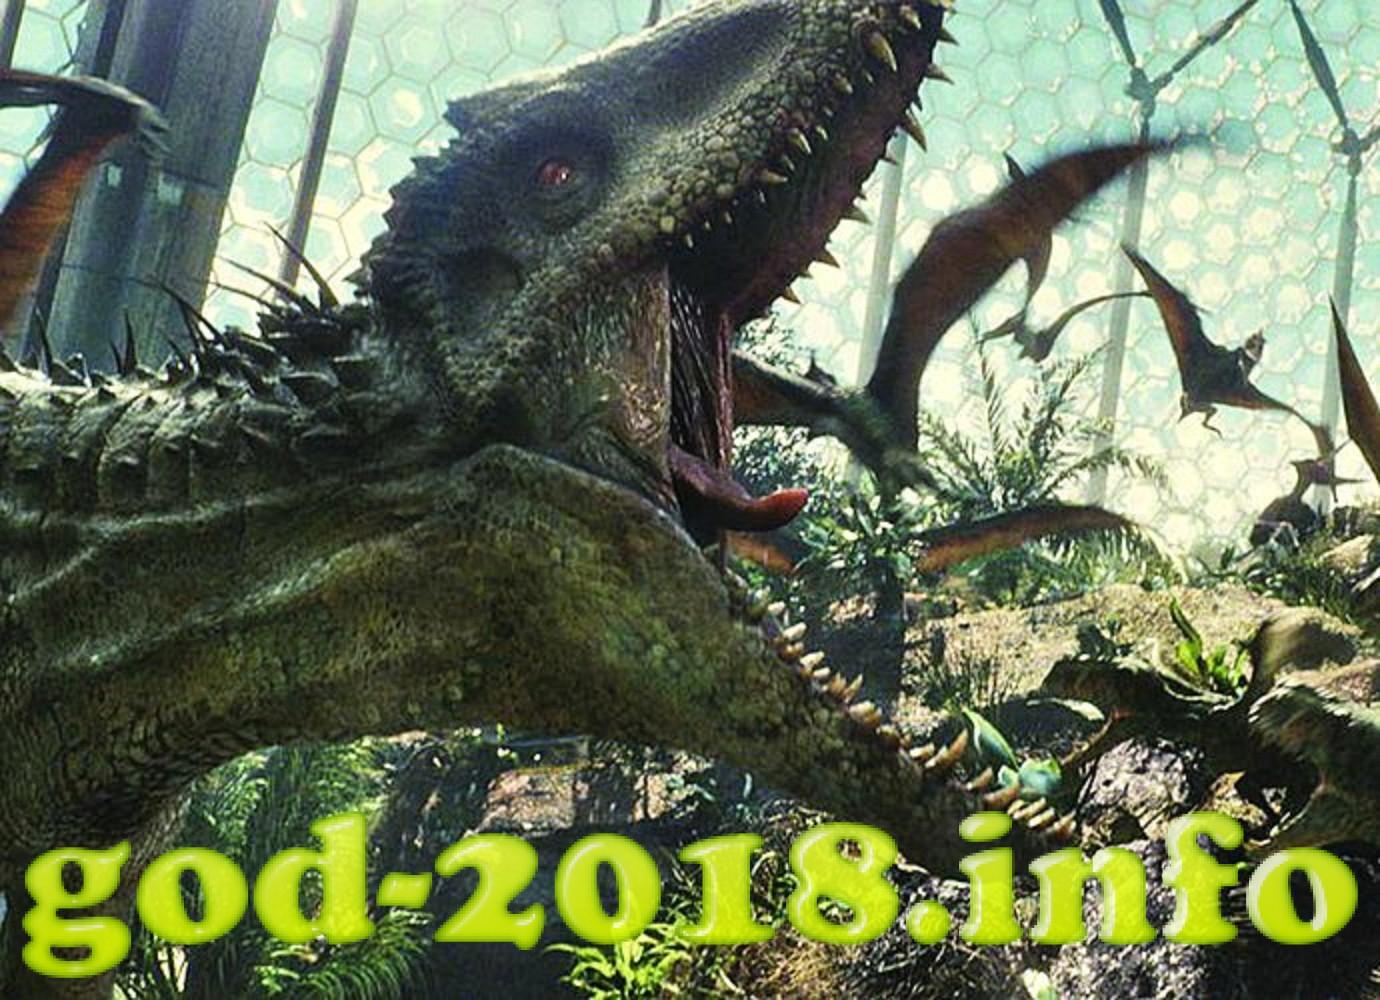 mir-jurskogo-perioda-2-ozhidaem-film-v-2018-godu-2